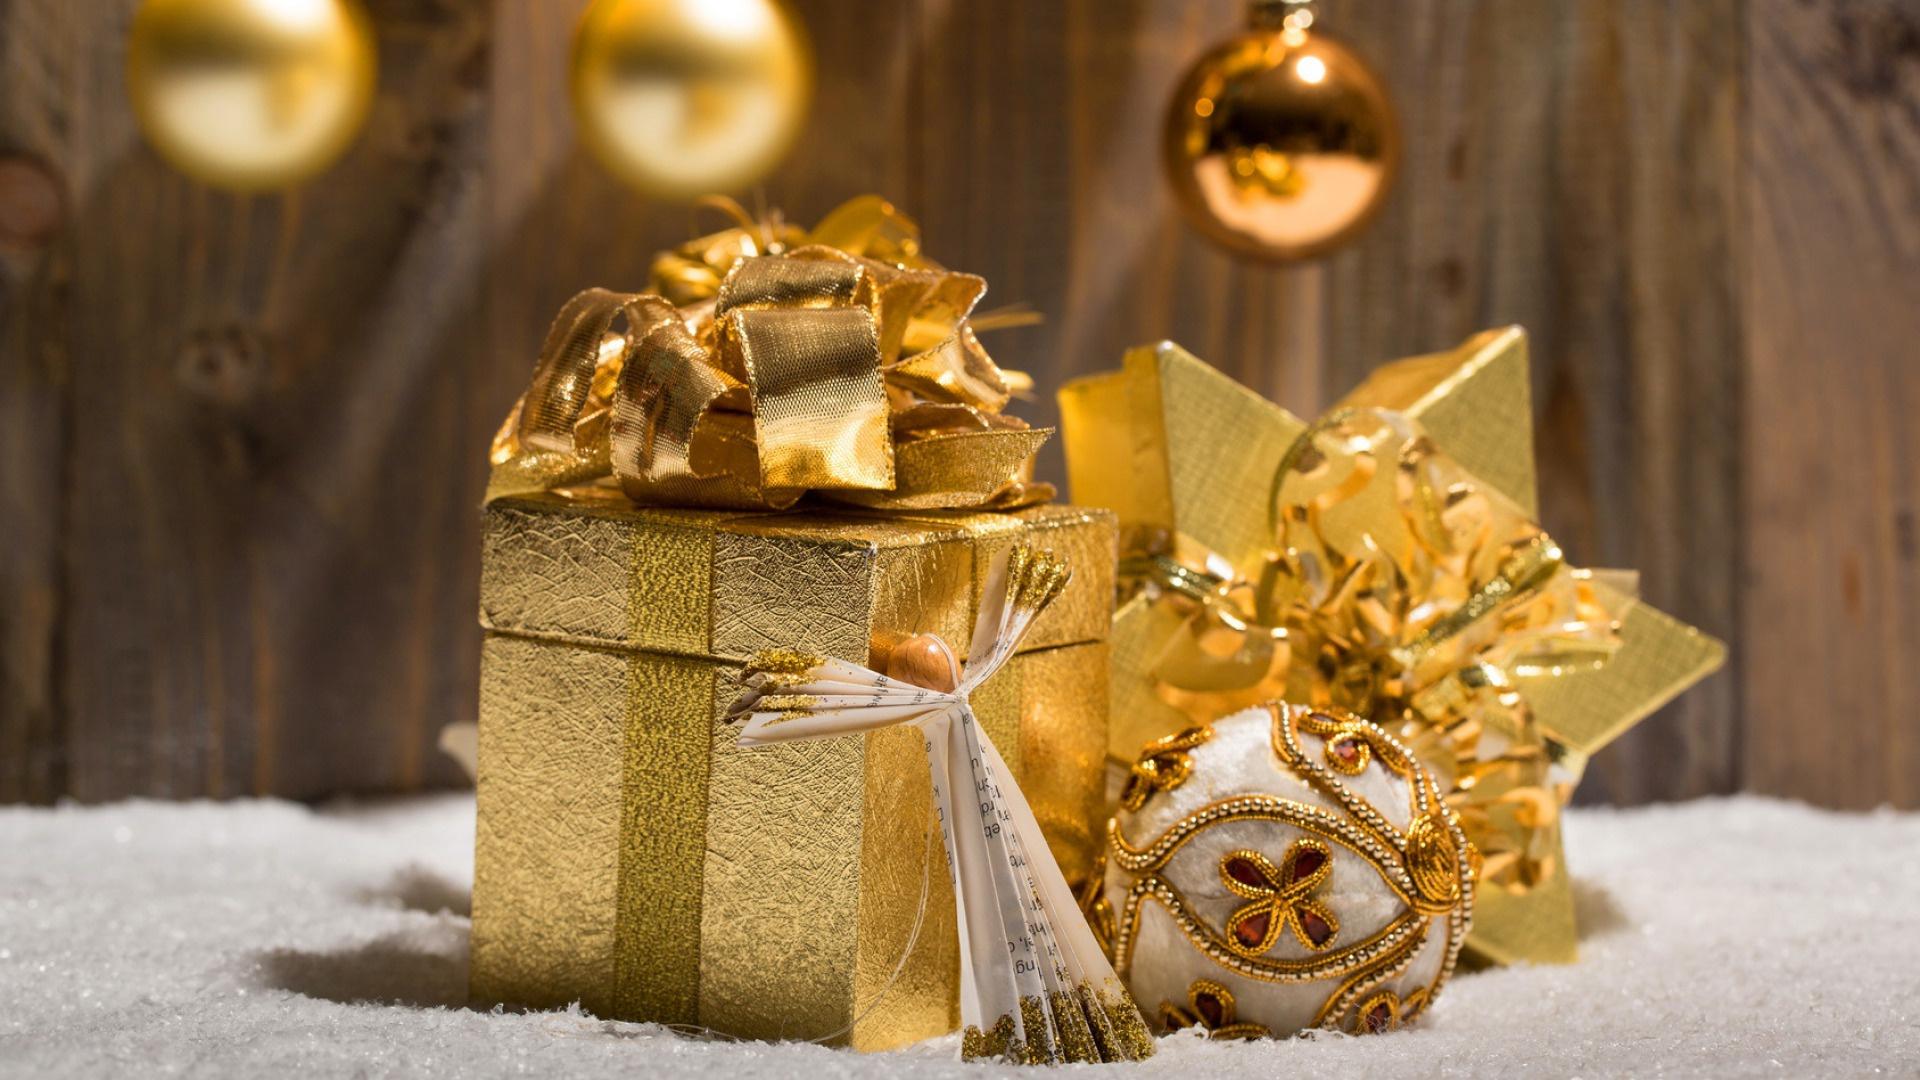 картинки новогодних шаров и подарков